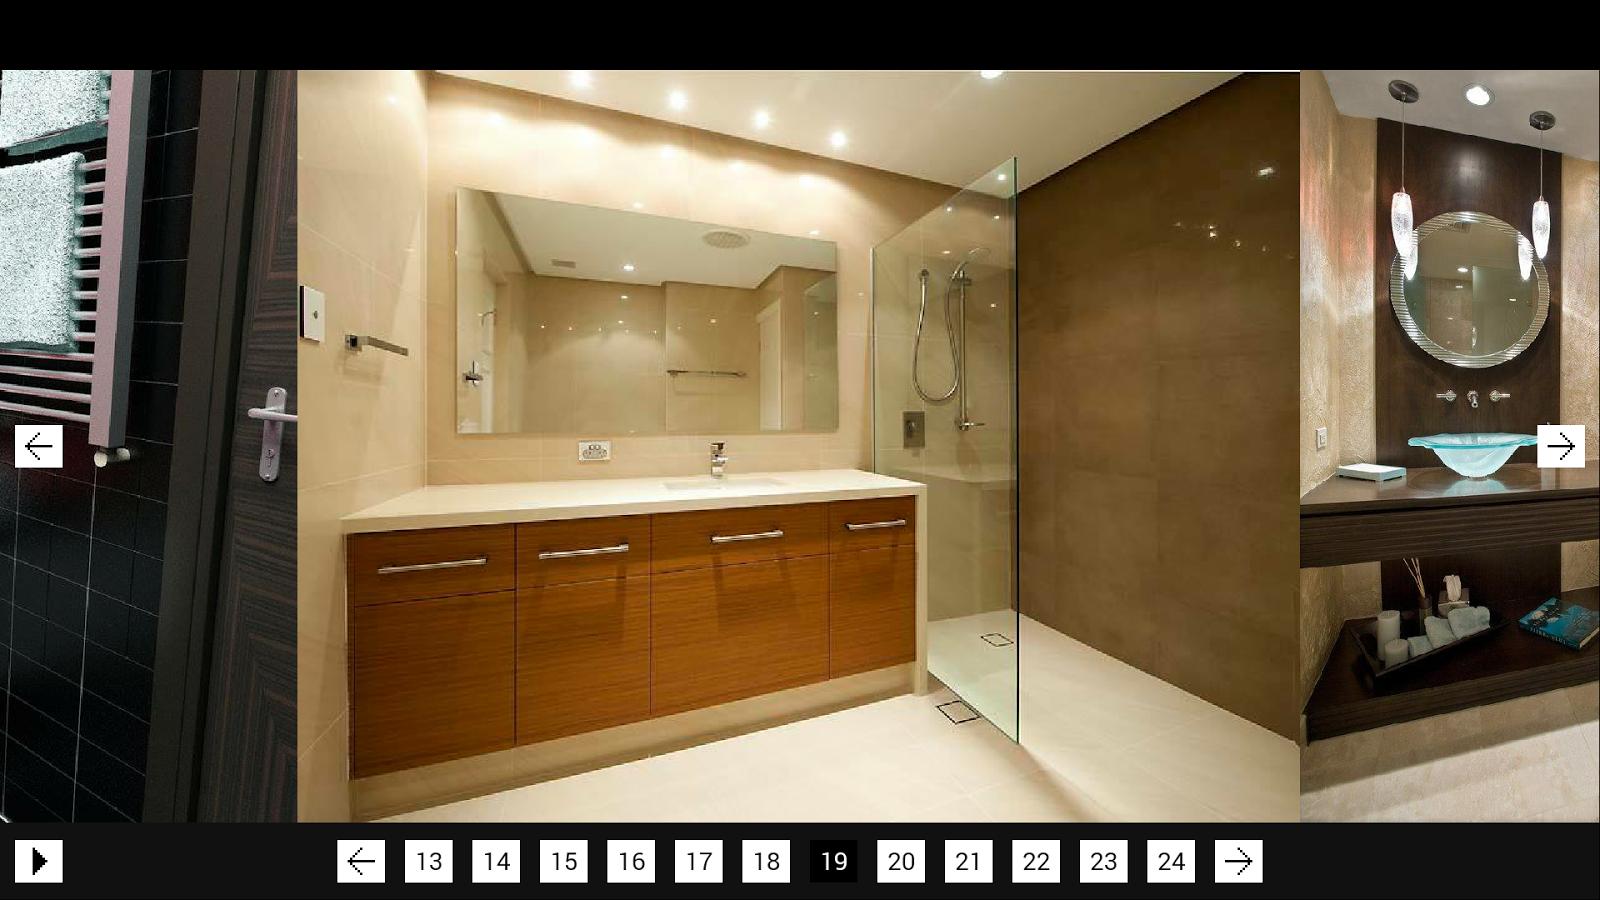 Bathroom decor android apps on google play for Google bathroom ideas